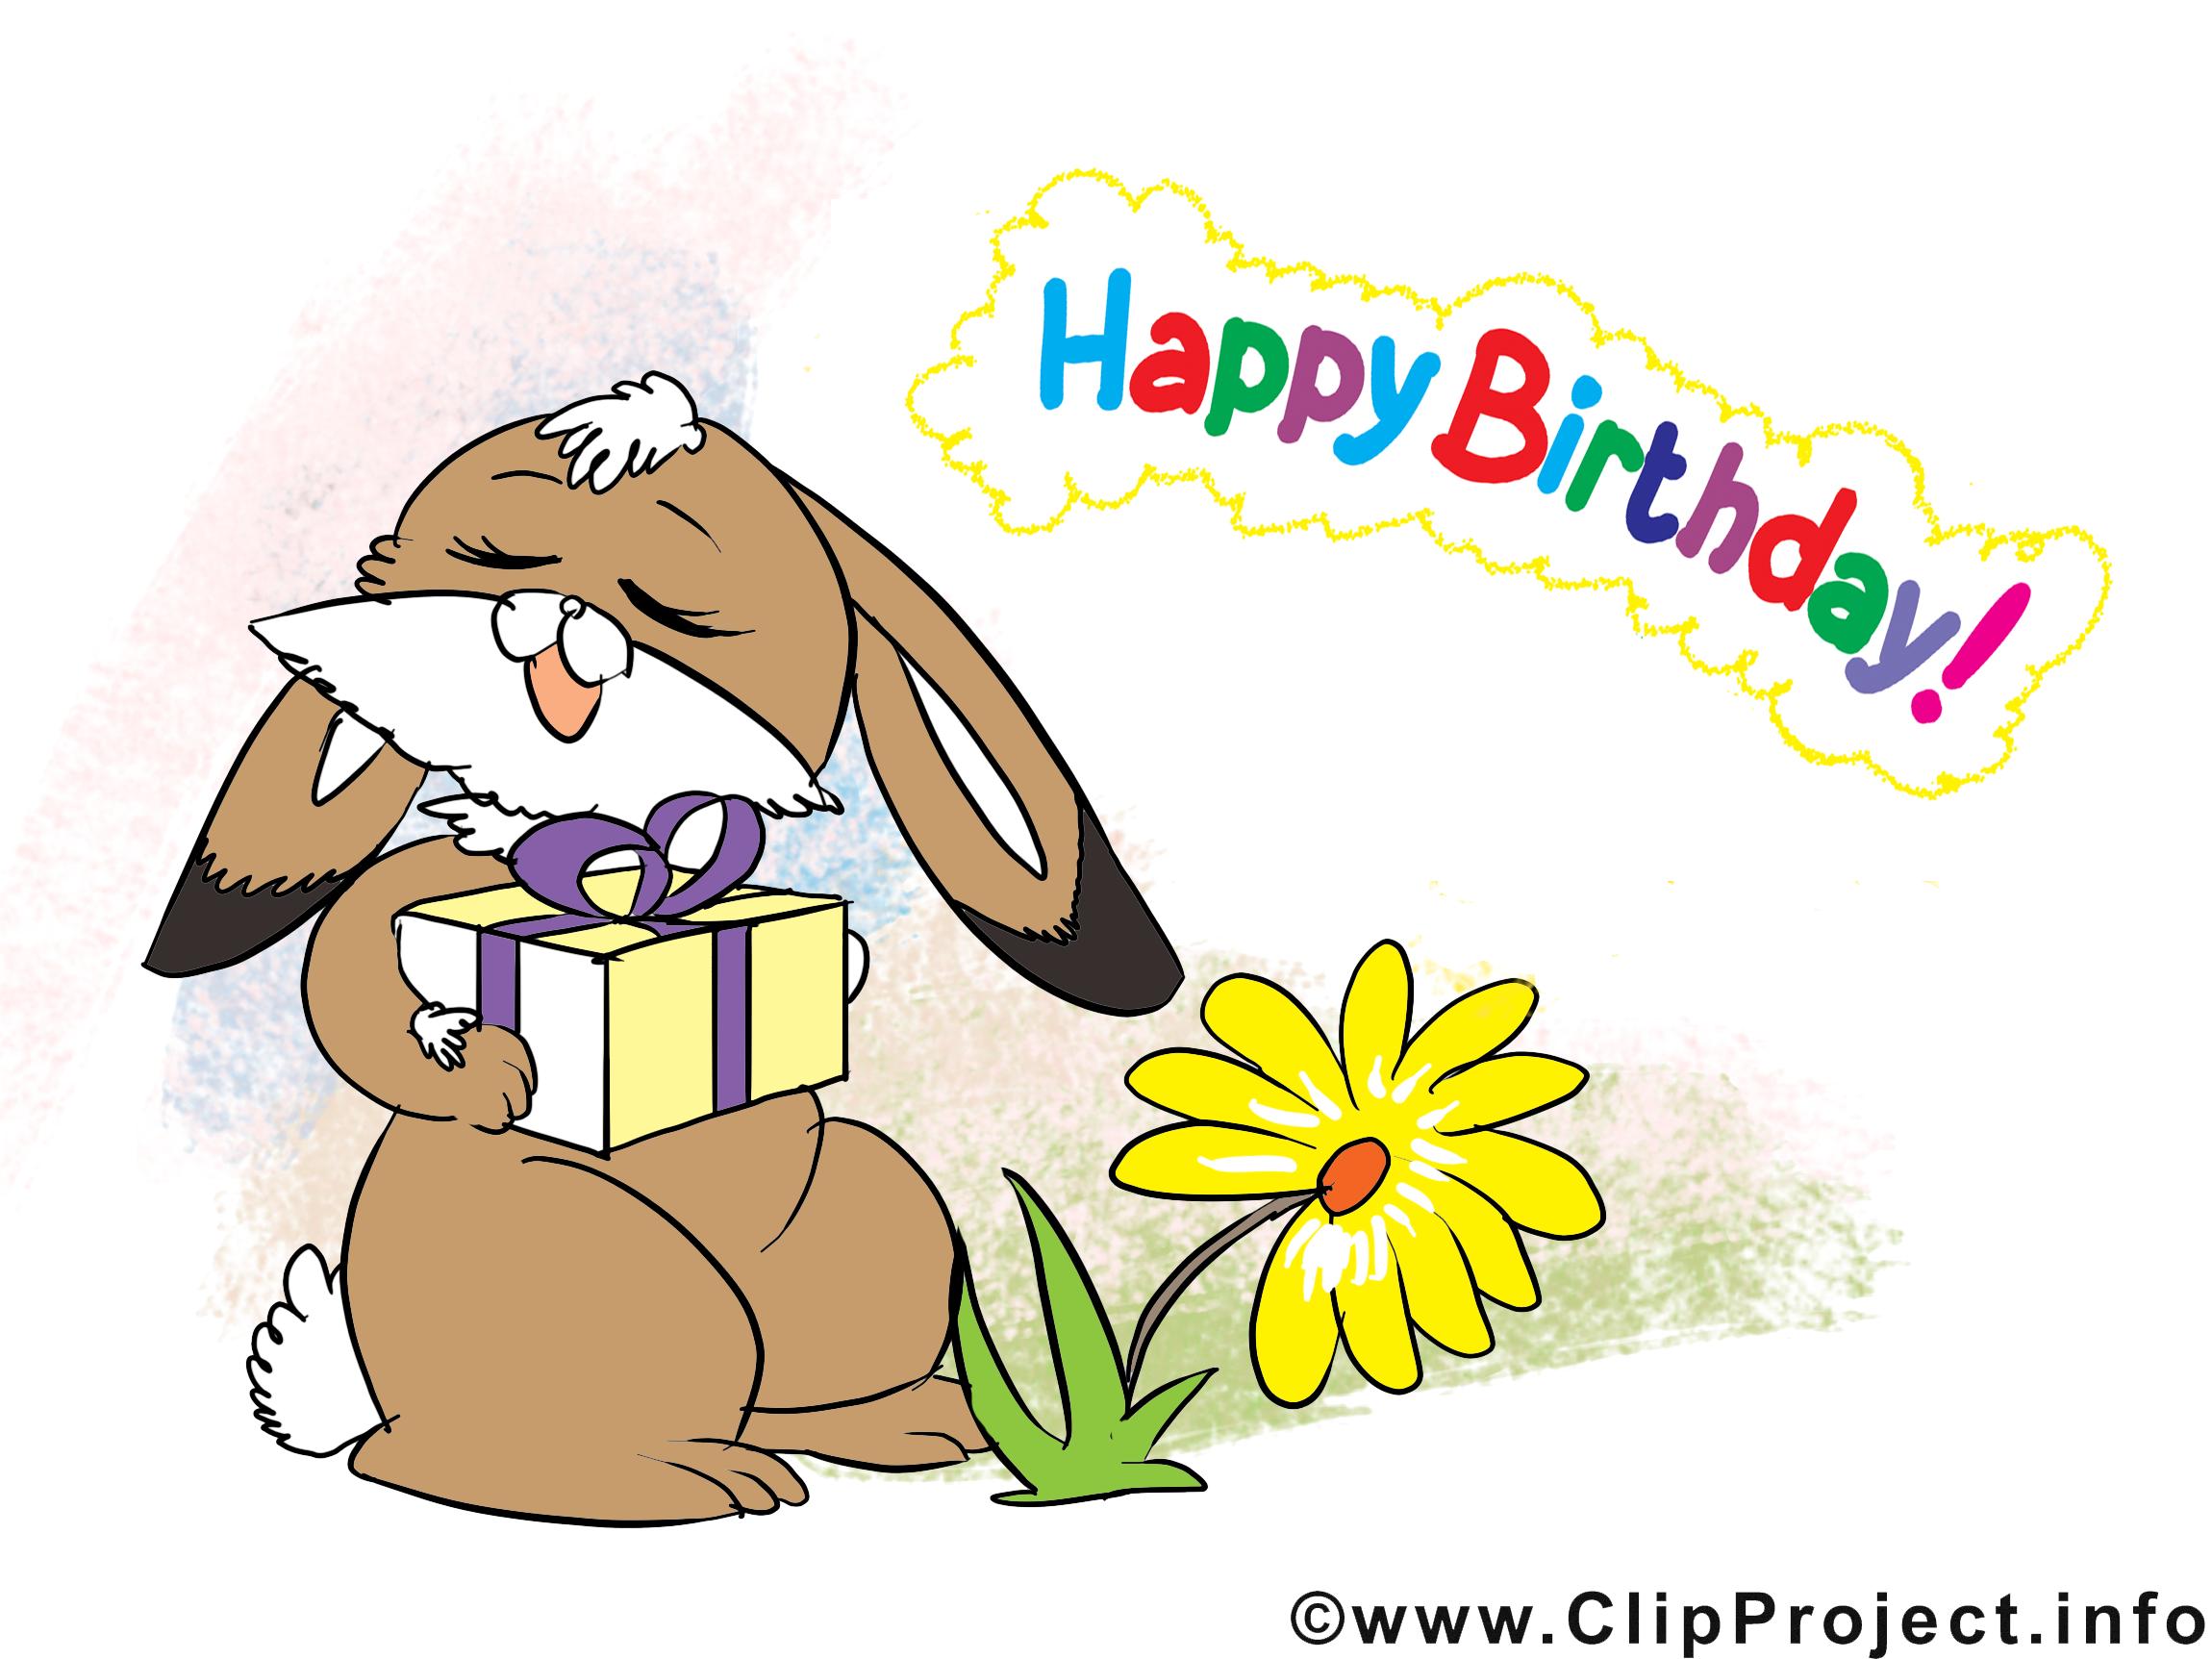 Joyeux anniversaire illustration images anniversaire - Clipart anniversaire gratuit ...